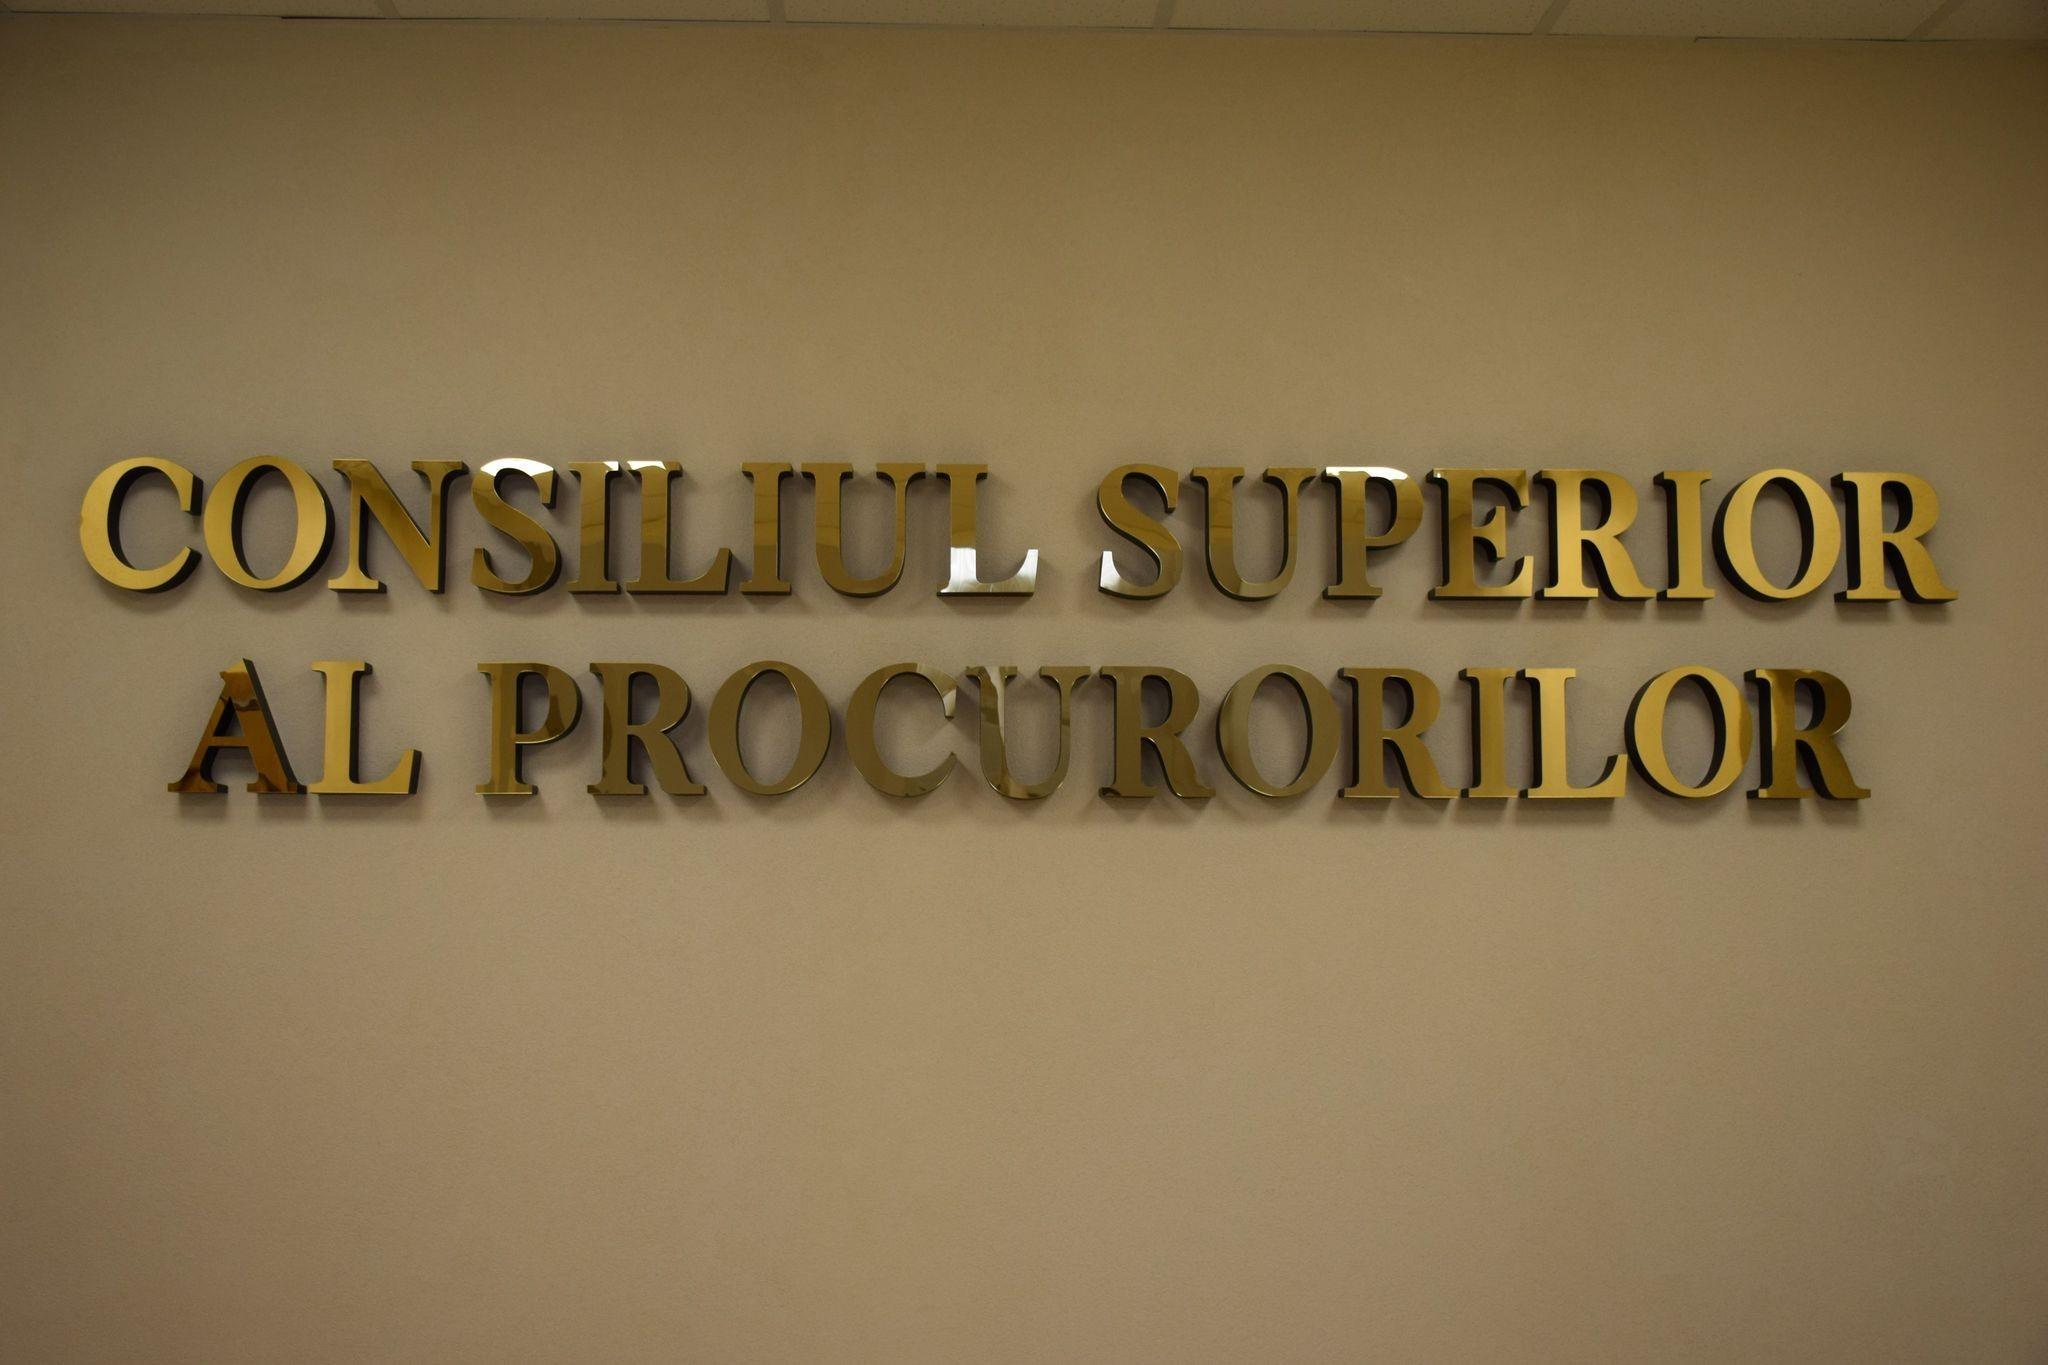 Vechime în funcția de procuror de cel puțin trei ani și fără sancțiuni disciplinare în această perioadă. Noile condiții pentru candidații la funcția de membu CSP